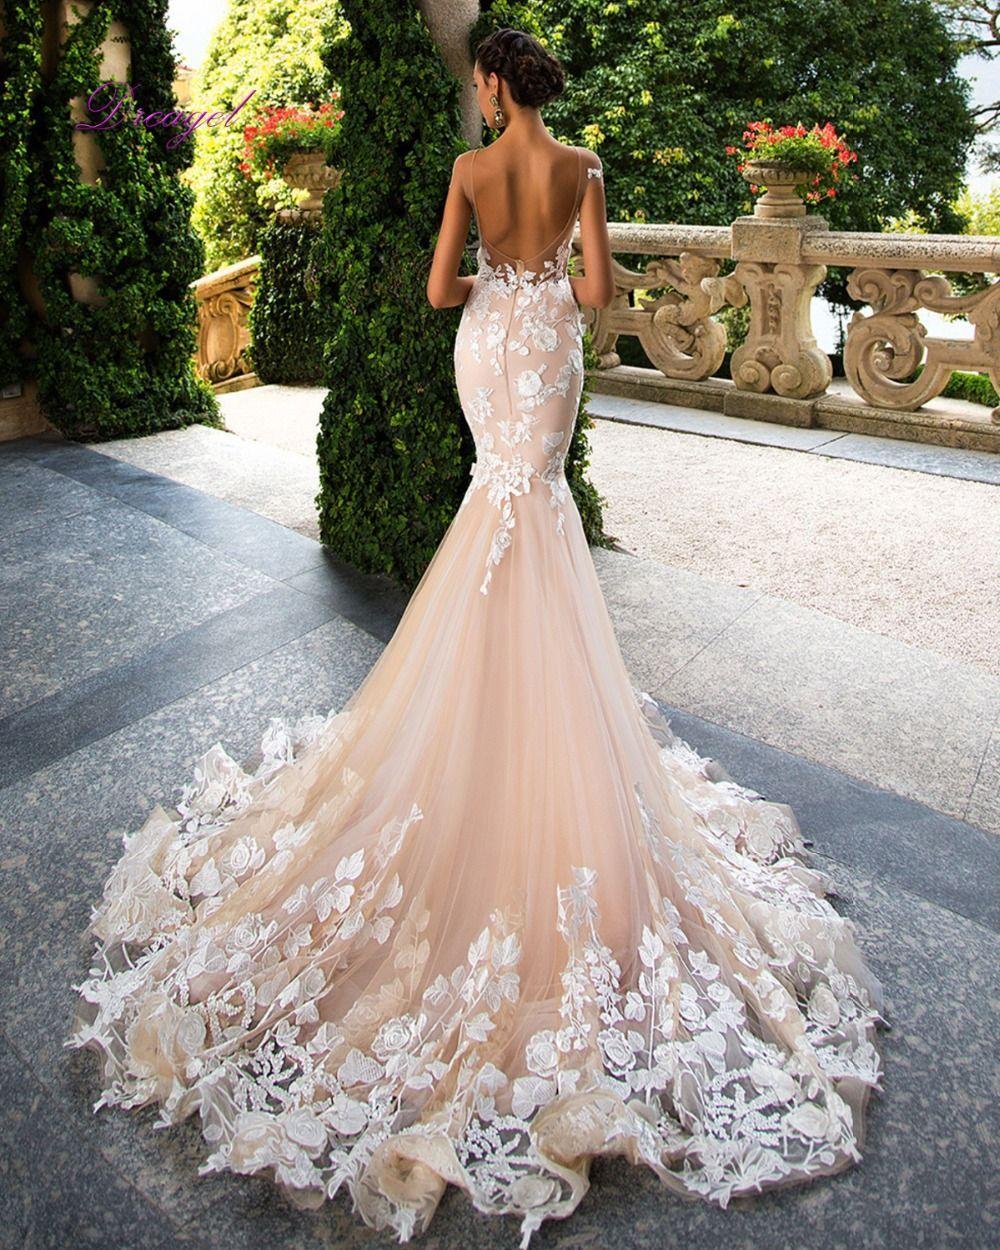 Hochzeitskleid Meerjungfrau #hochzeitskleidmeerjungfrau